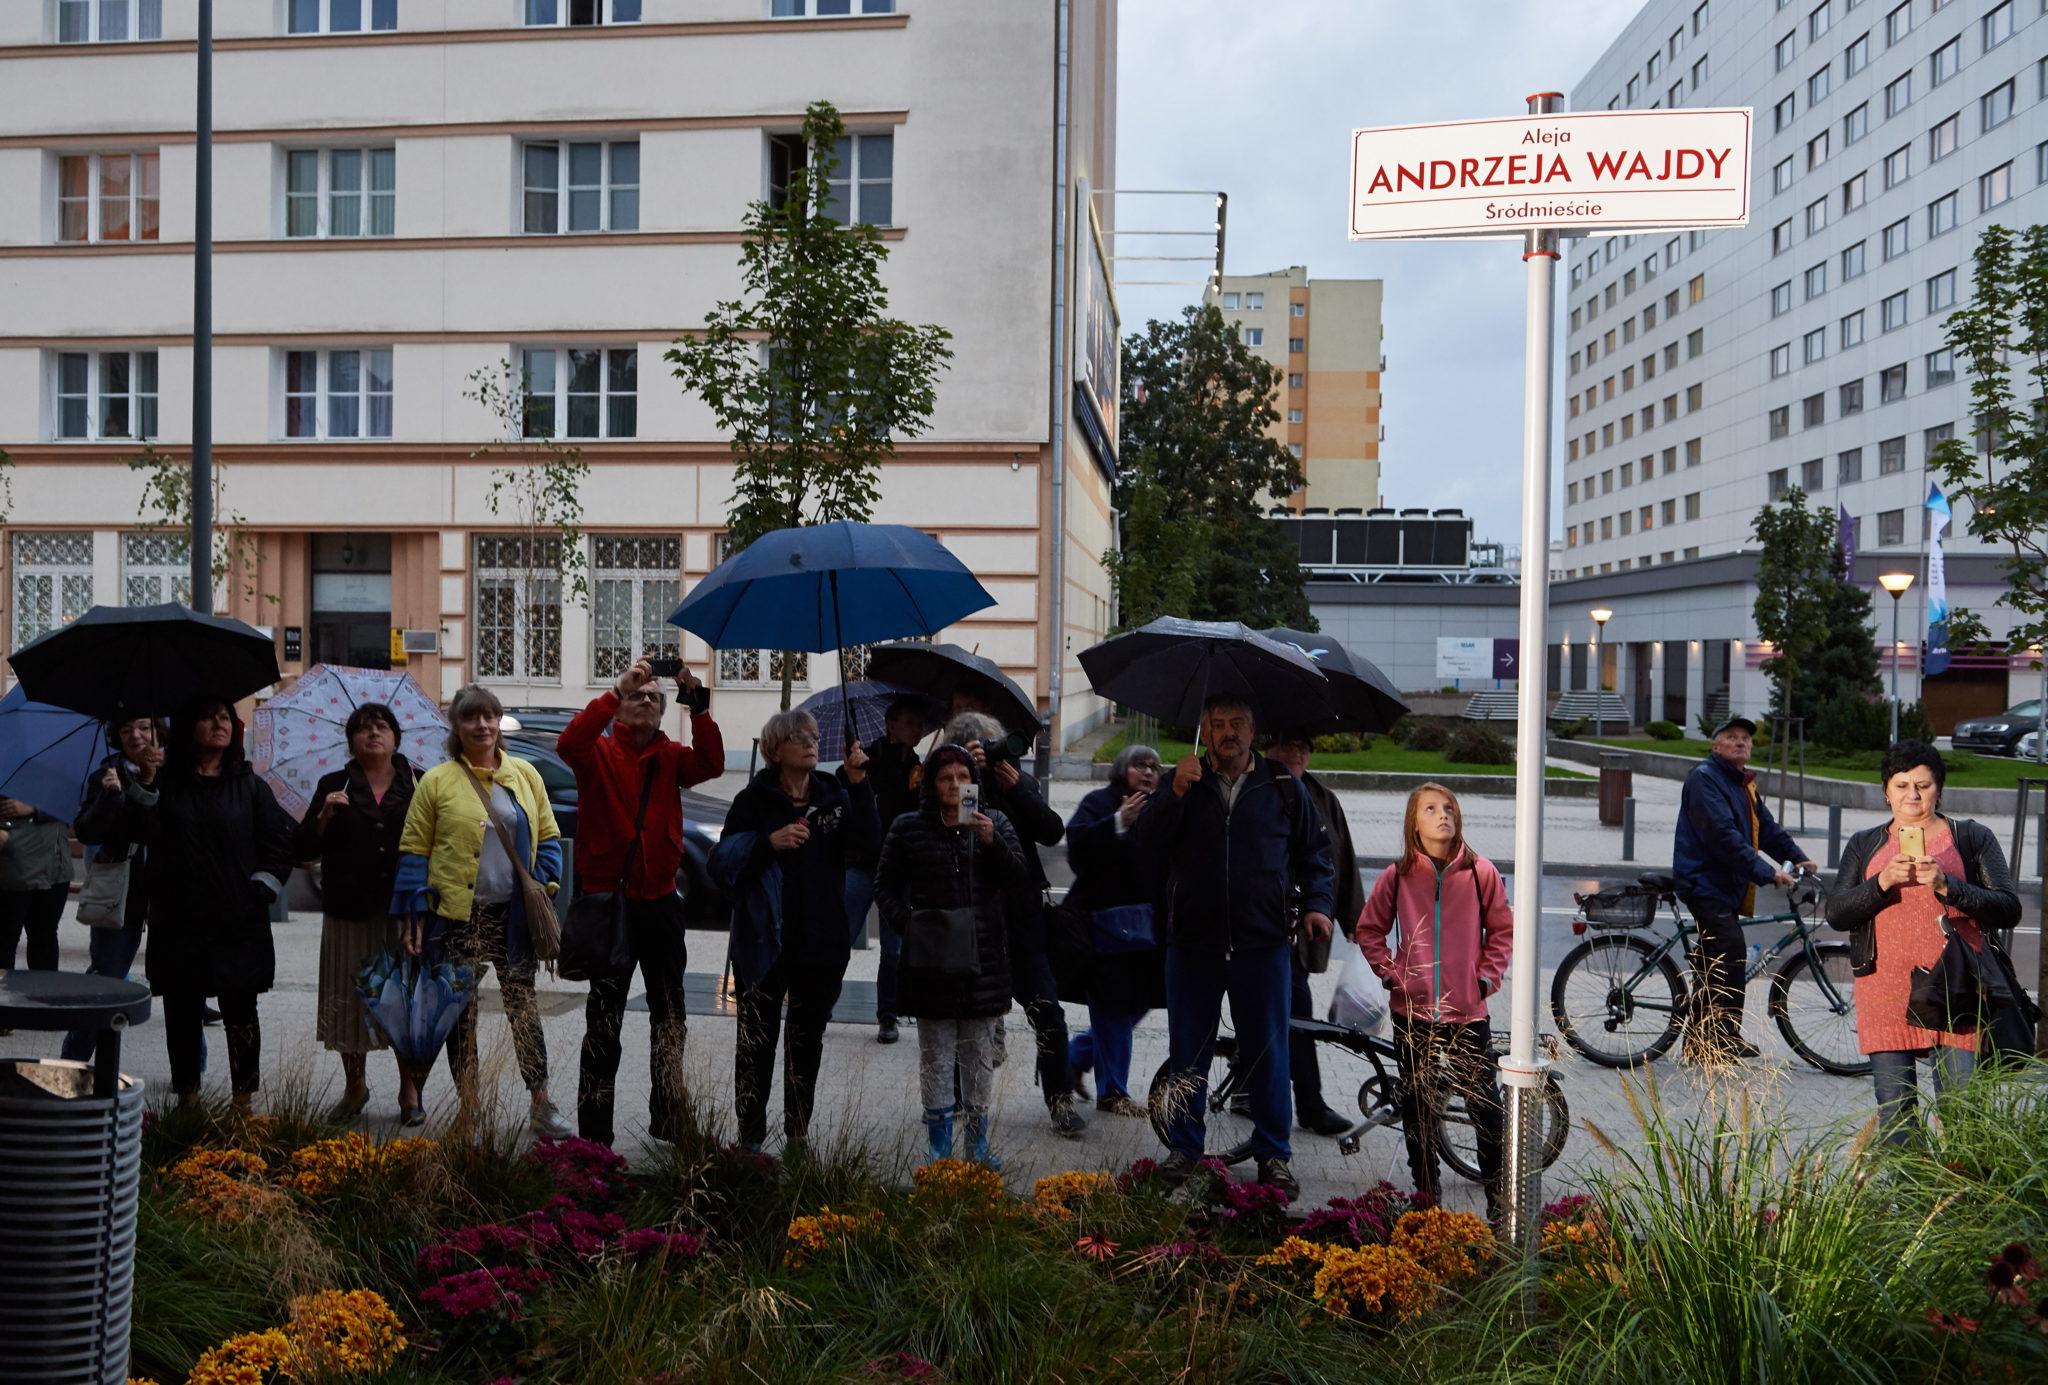 Gdynia: tablica z imieniem Andrzeja Wajdy, nadanym traktowi pieszemu na Placu Grunwaldzkimi, fot: PAP/Adam Warżawa